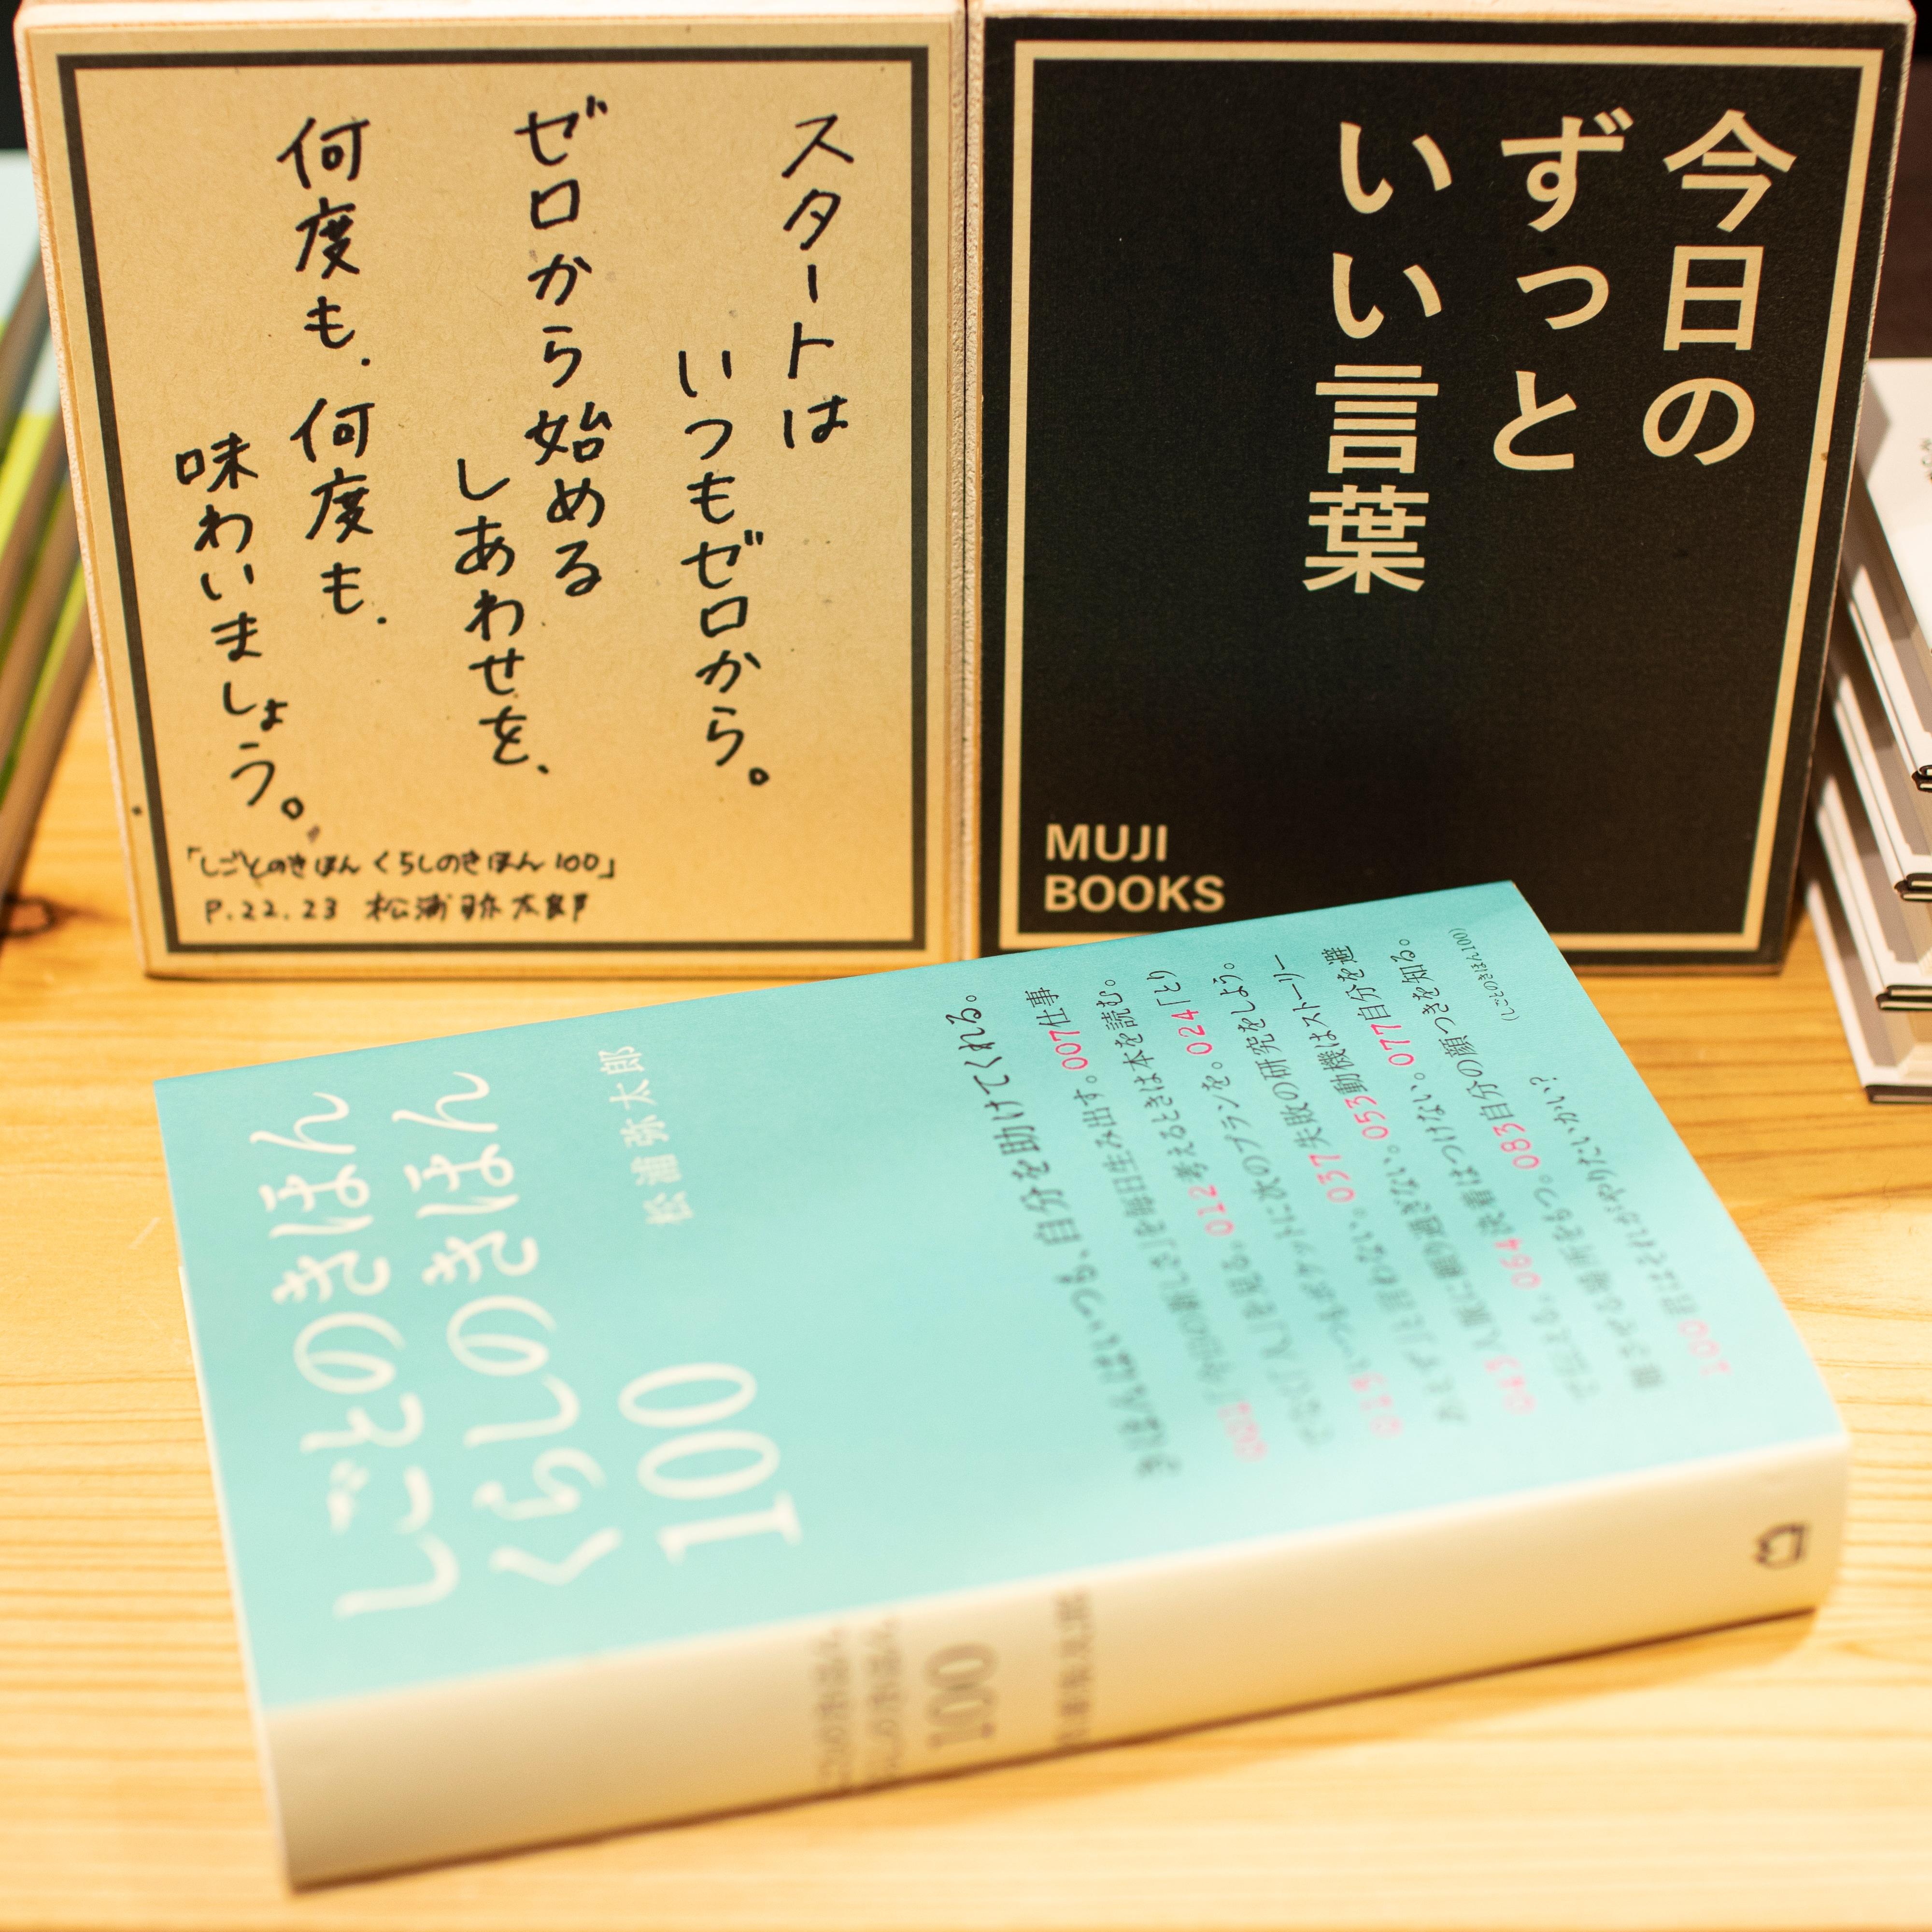 【野々市明倫通り】今日のずっといい言葉|MUJI BOOKS